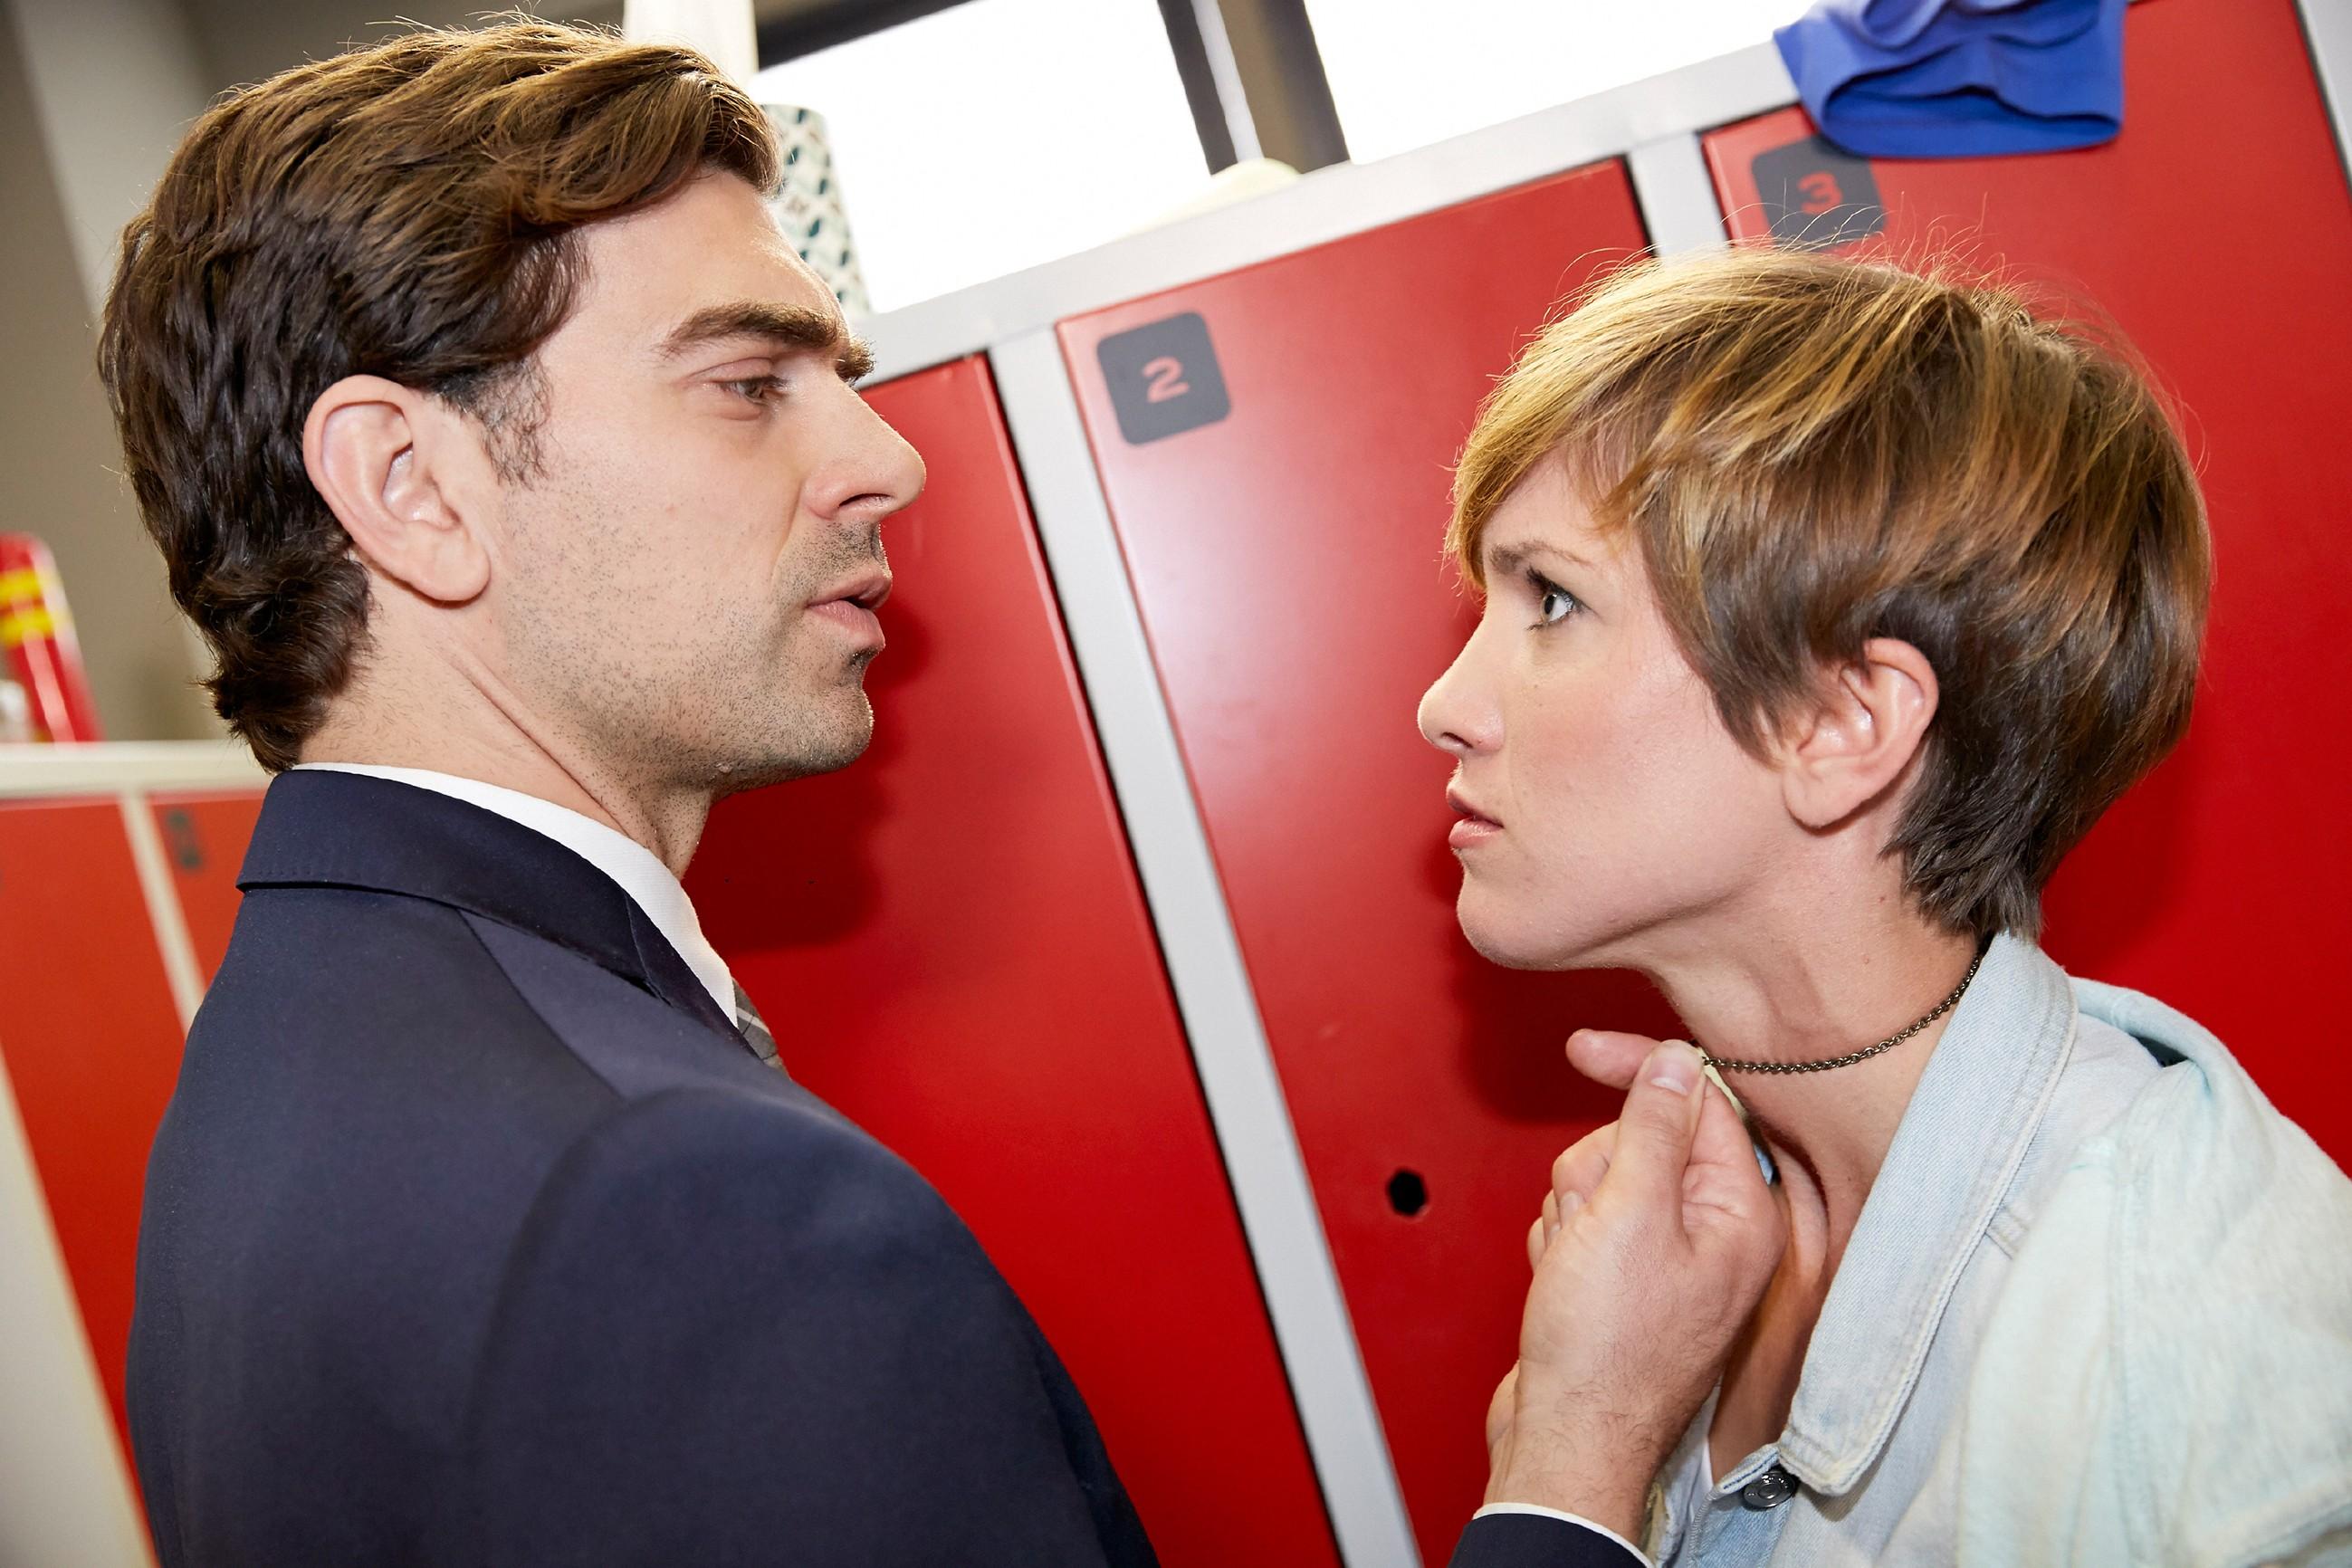 Pia (Isabell Horn) ist geschockt, als Veit (Carsten Clemens) ihr Konsequenzen androht, sollte sie sein Geheimnis auffliegen lassen... (Quelle: © RTL / Guido Engels)